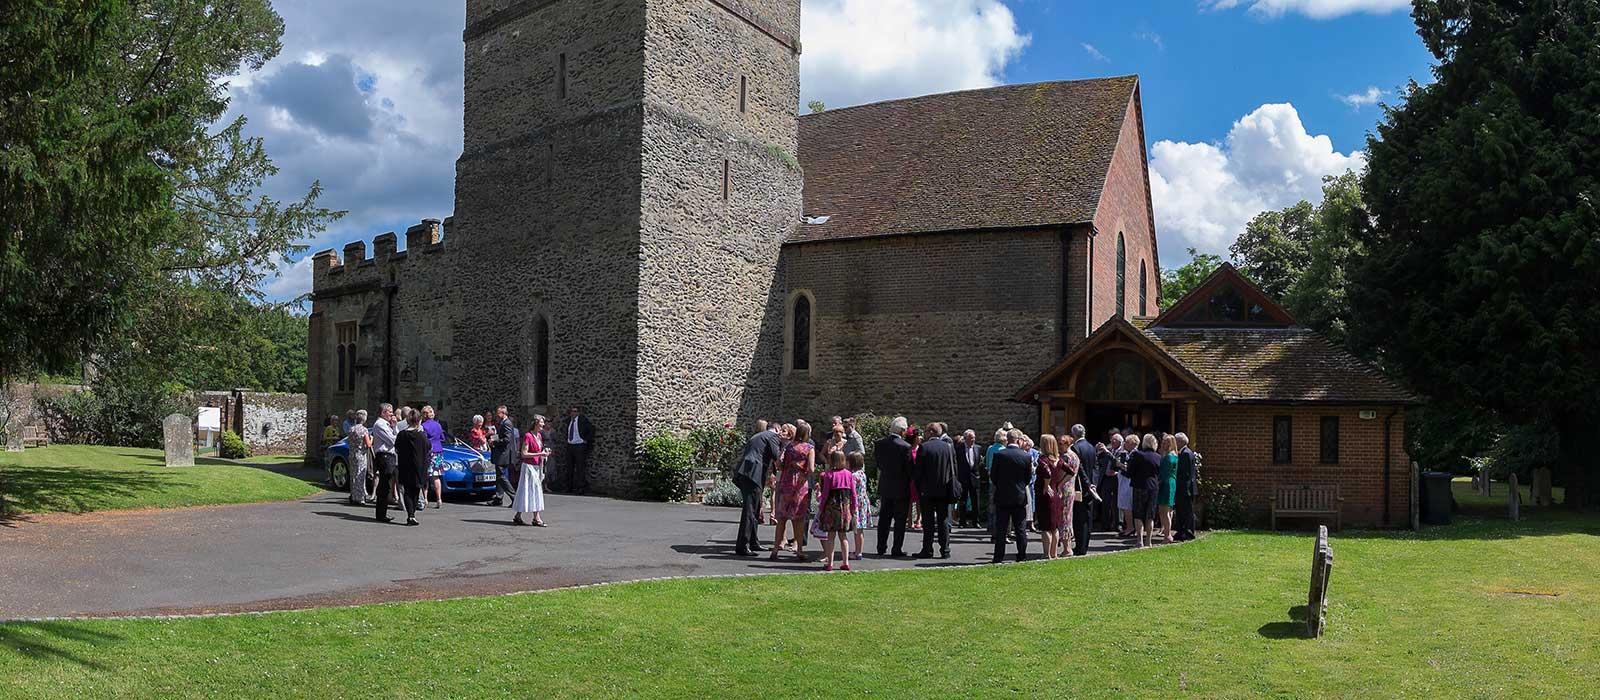 St Johns Wonersh Barnett Hill wedding – Wendy & John